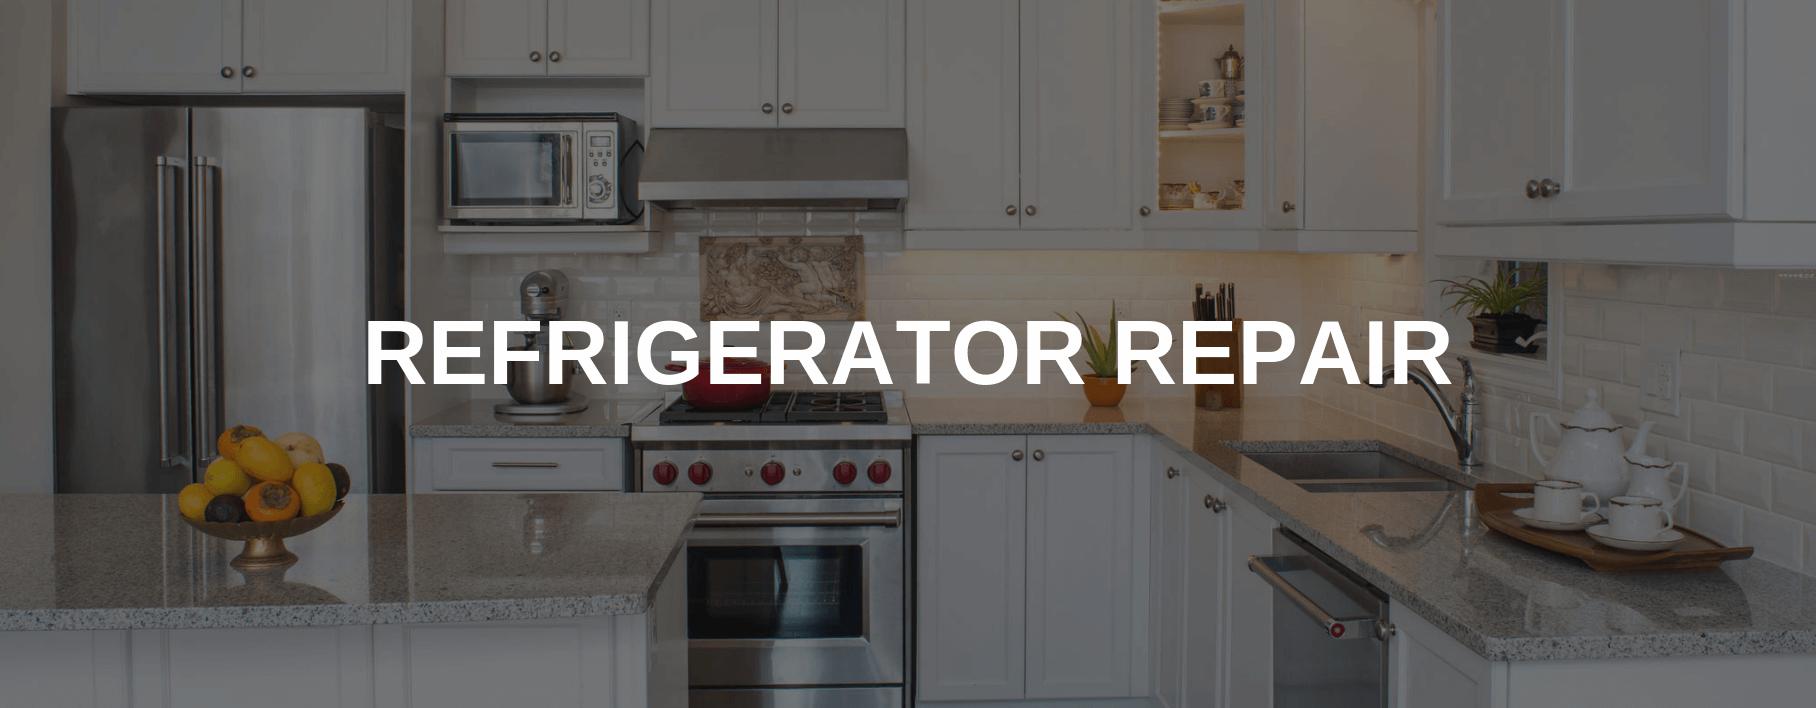 bryan refrigerator repair